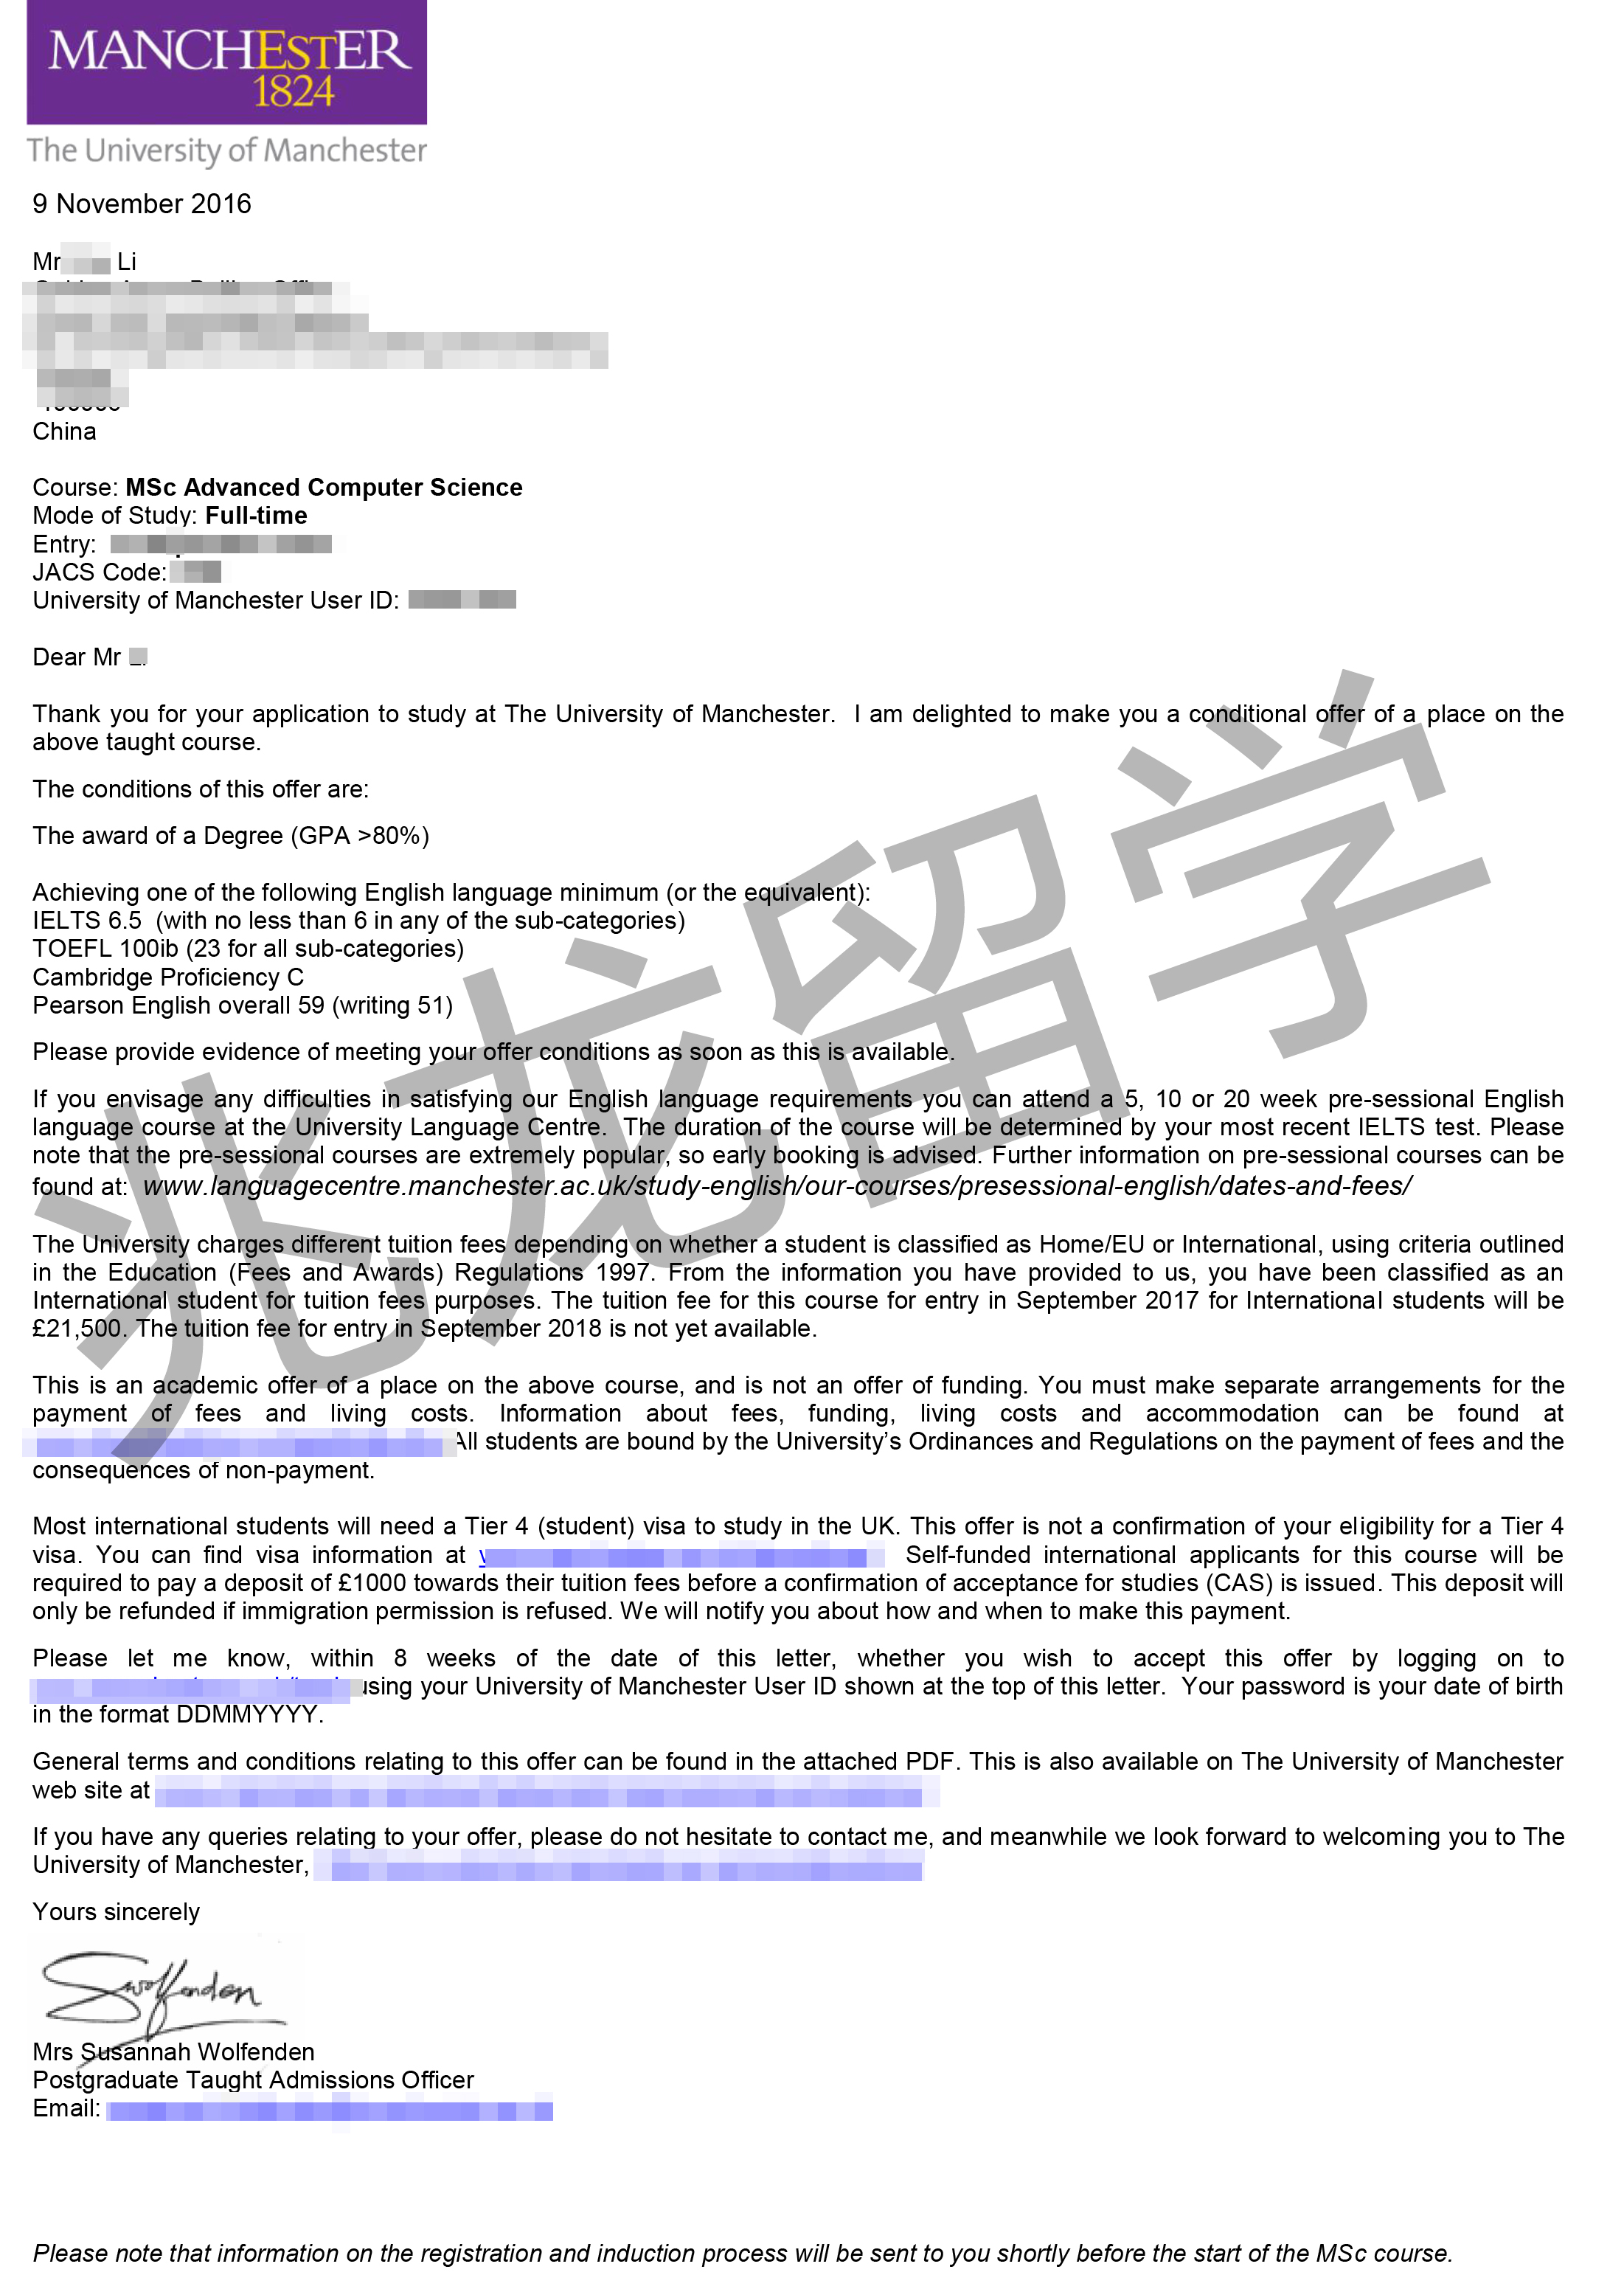 恭喜兆龙李同学获得英国曼彻斯特大学计算机offer